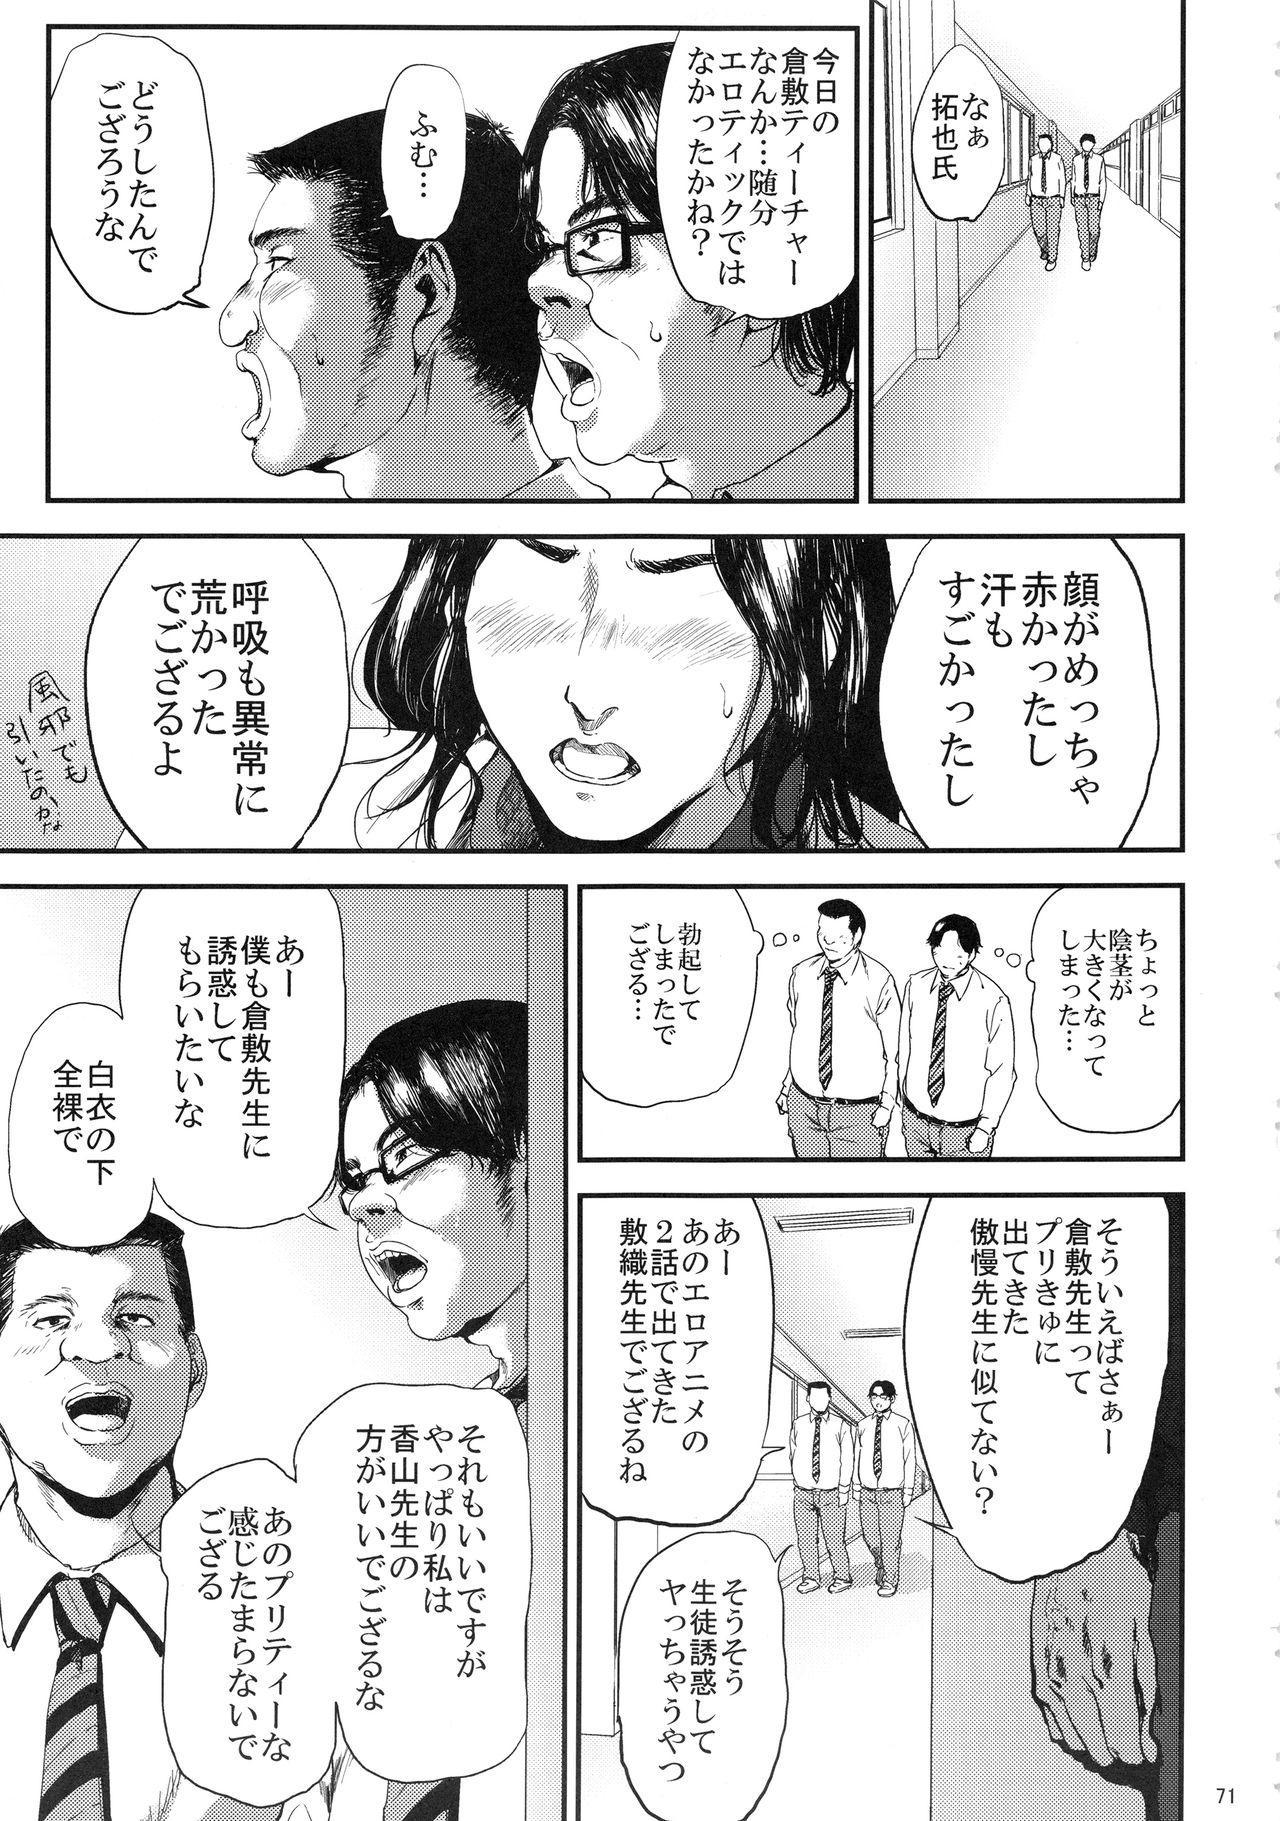 Kurashiki-sensei wa Hatsujouki Soushuuhen FINAL 69